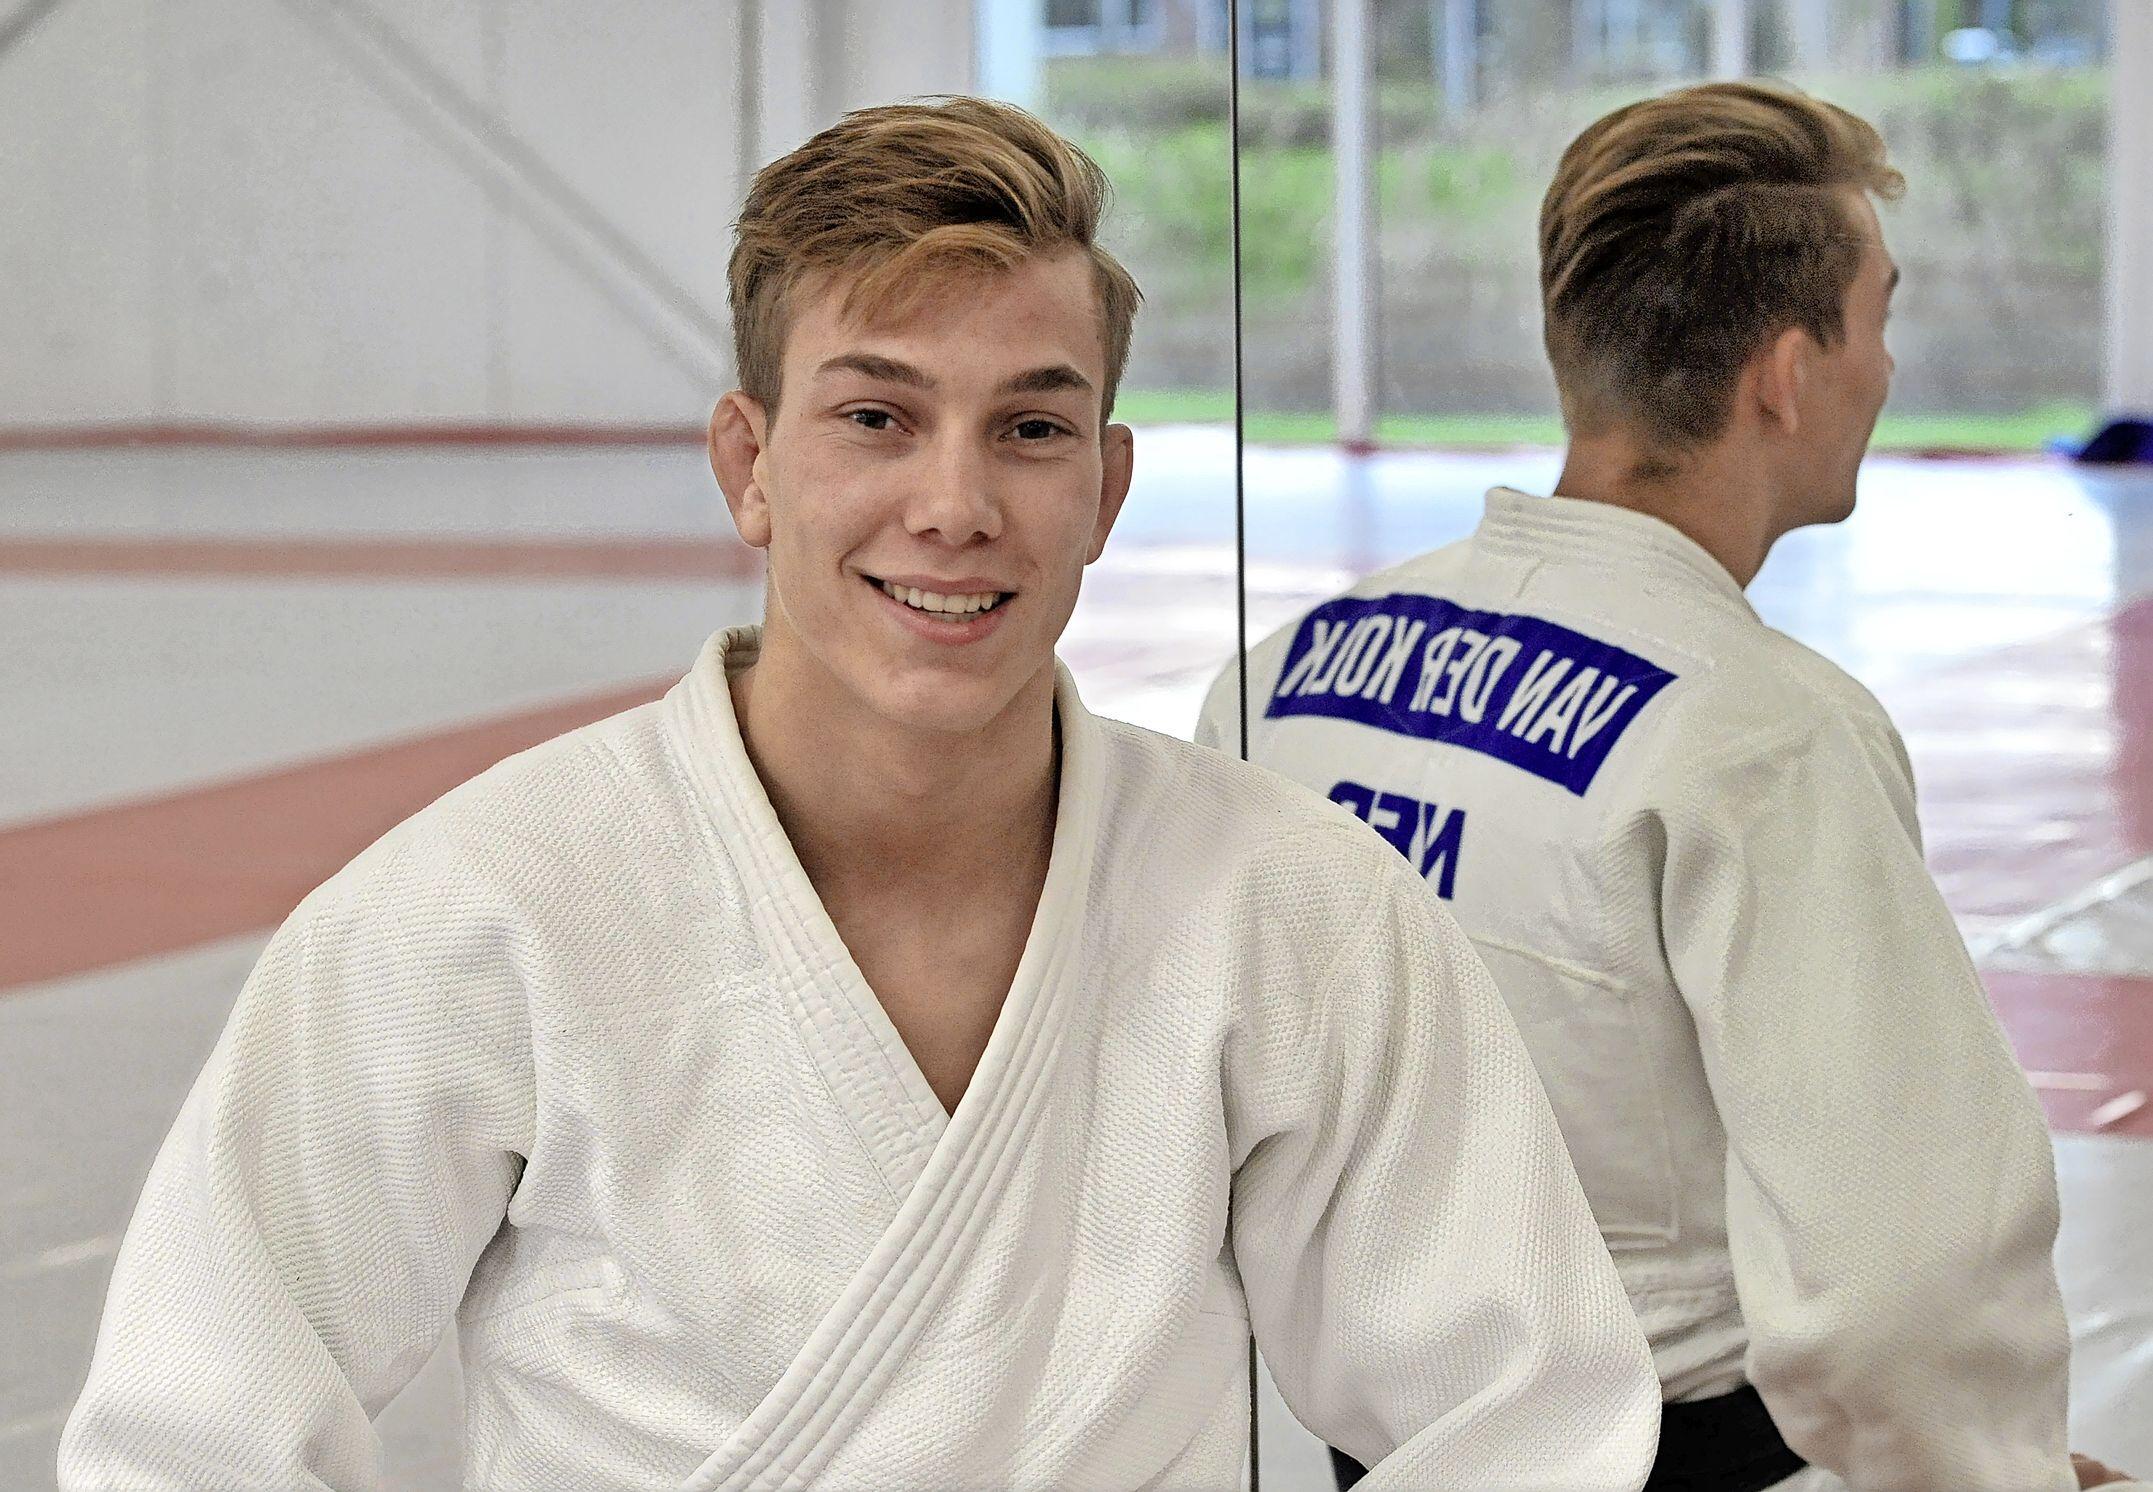 Hij mag naar het WK in Boedapest. 'Voelt als een beloning voor al het harde werken', stelt Alkmaarse judoka Yannick van der Kolk